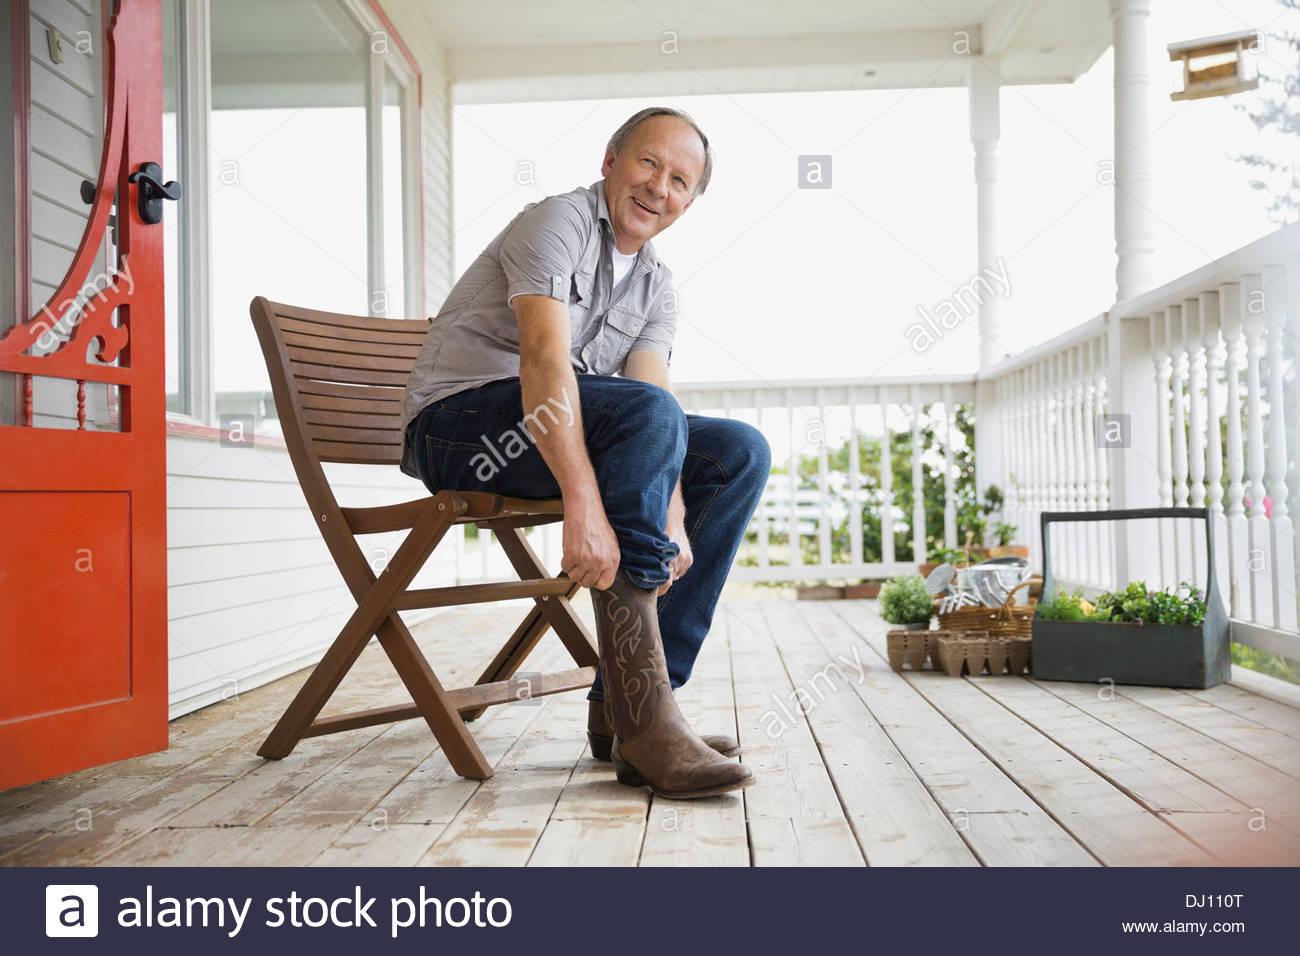 El hombre tirando de botas vaqueras Imagen De Stock